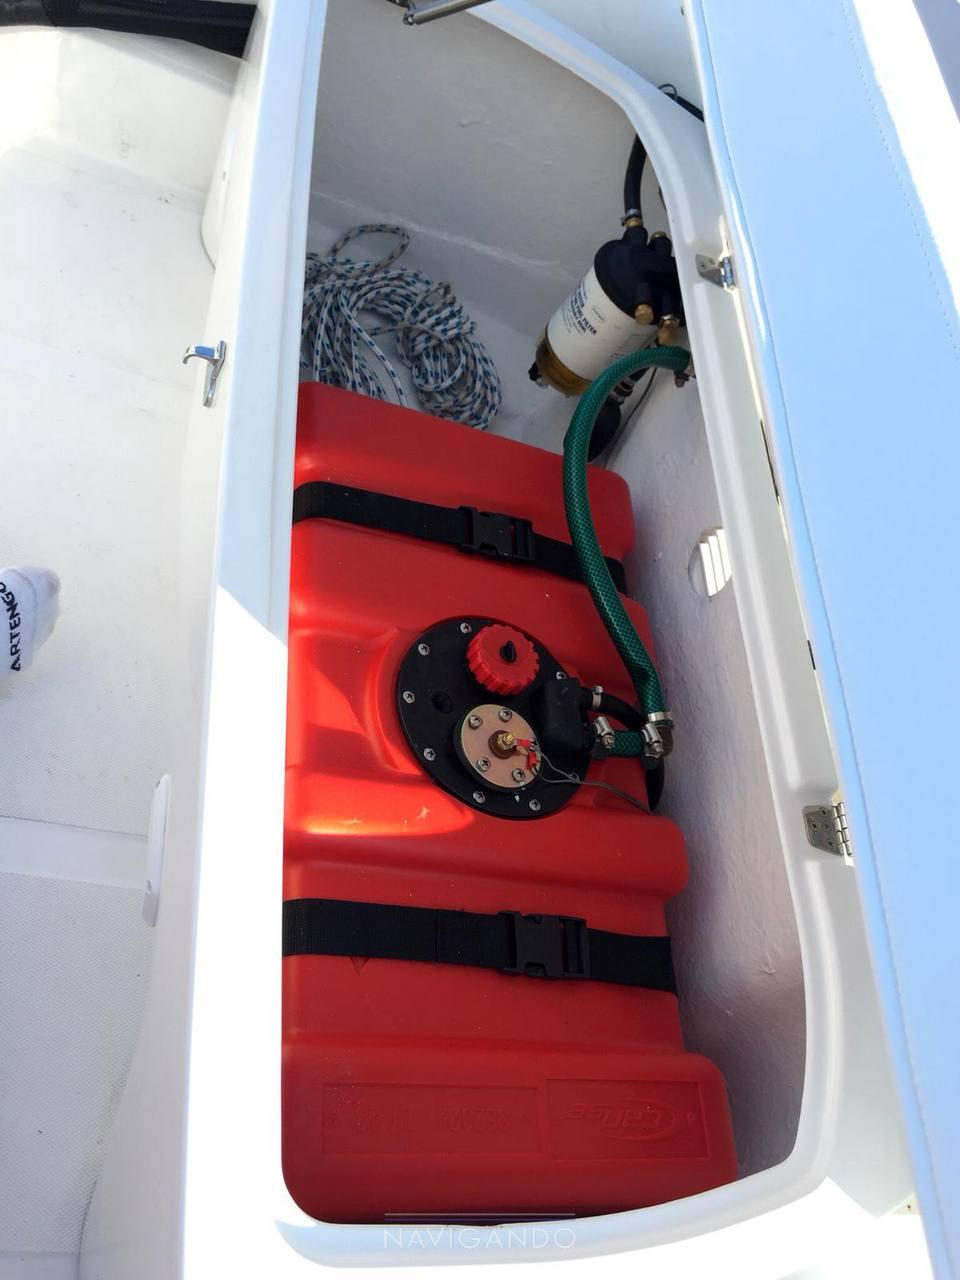 Adventure Veste 500 Inflatable used